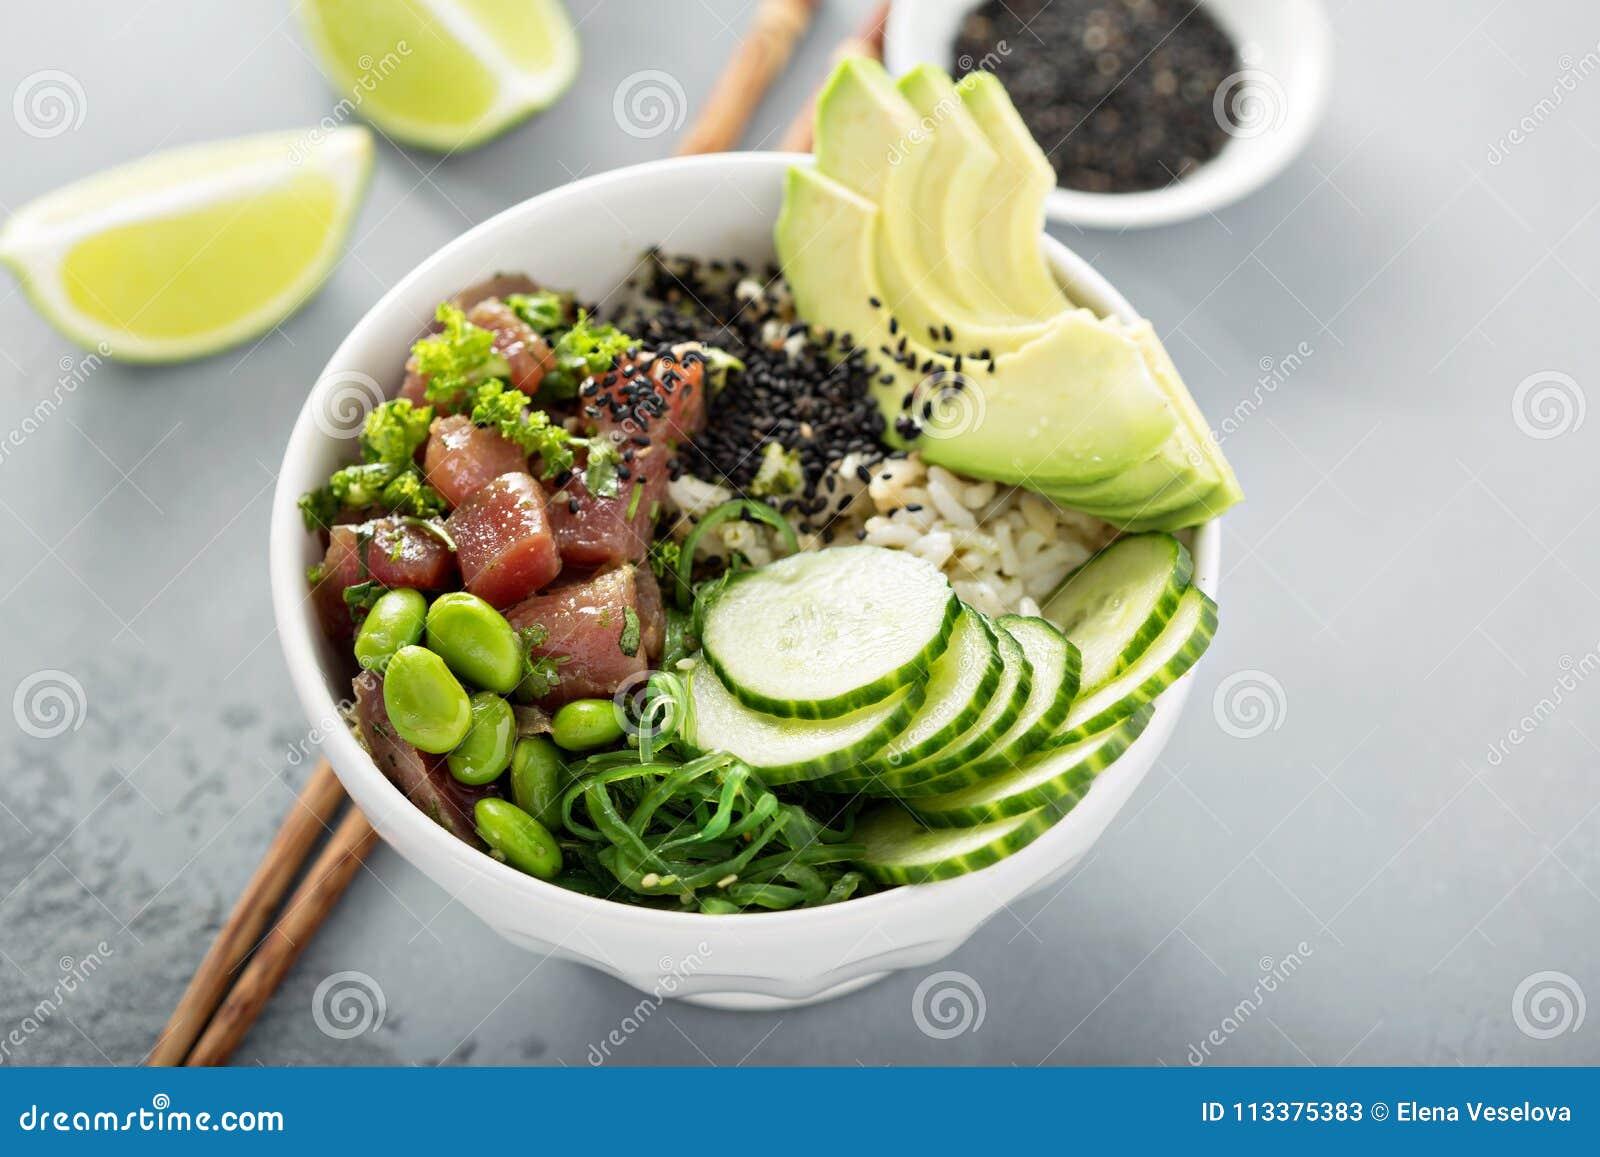 Κύπελλο σπρωξίματος με τον ακατέργαστους τόνο, το ρύζι και τα λαχανικά